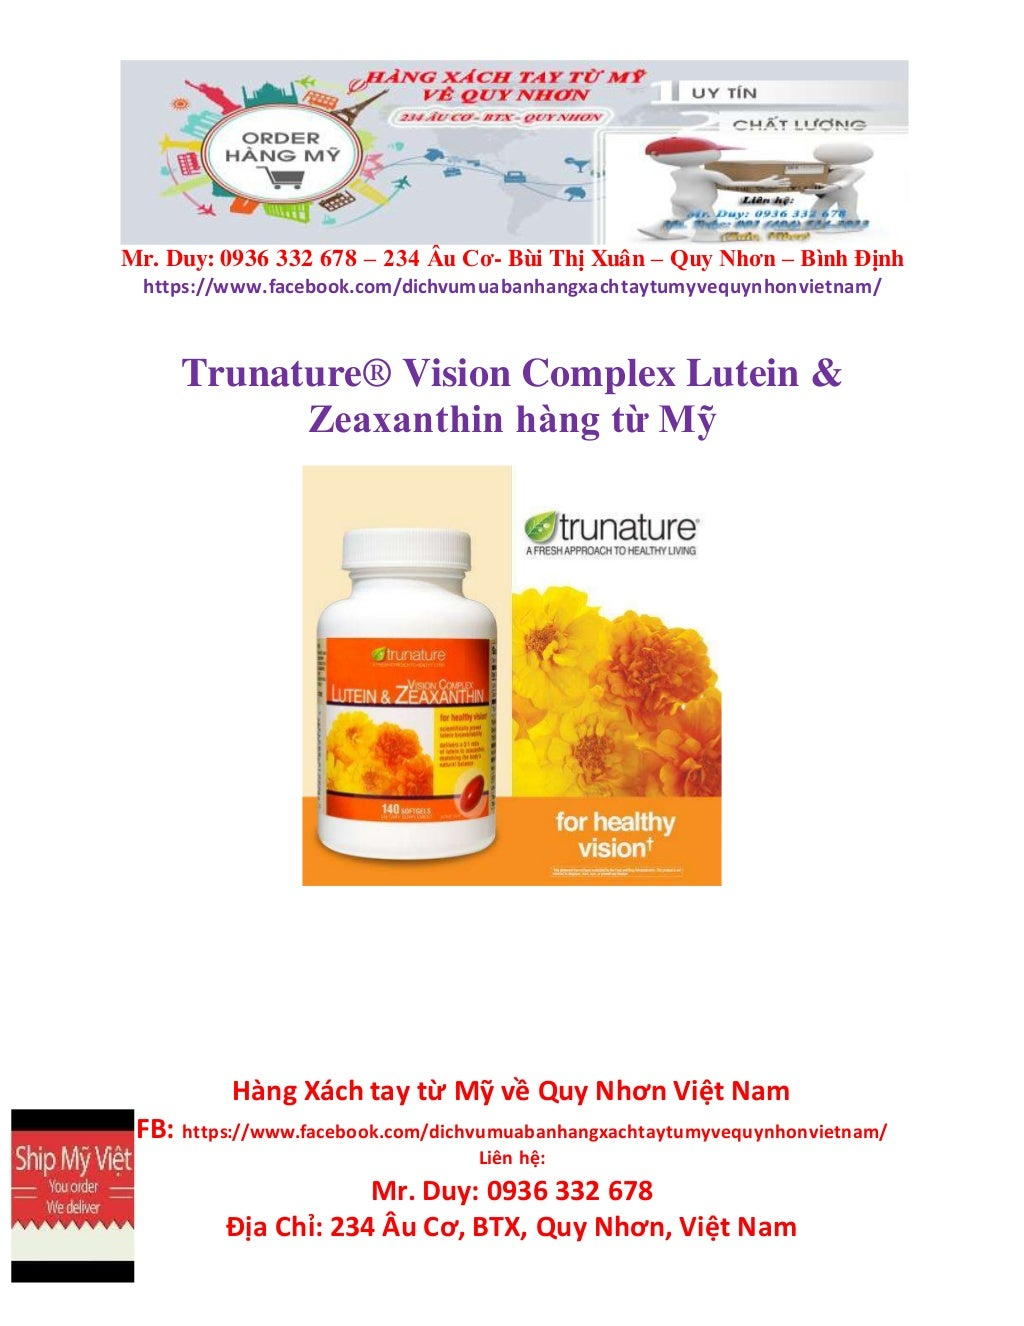 Công ty order thuốc bổ xách tay ở Quy Nhơn uy tín - Magazine cover